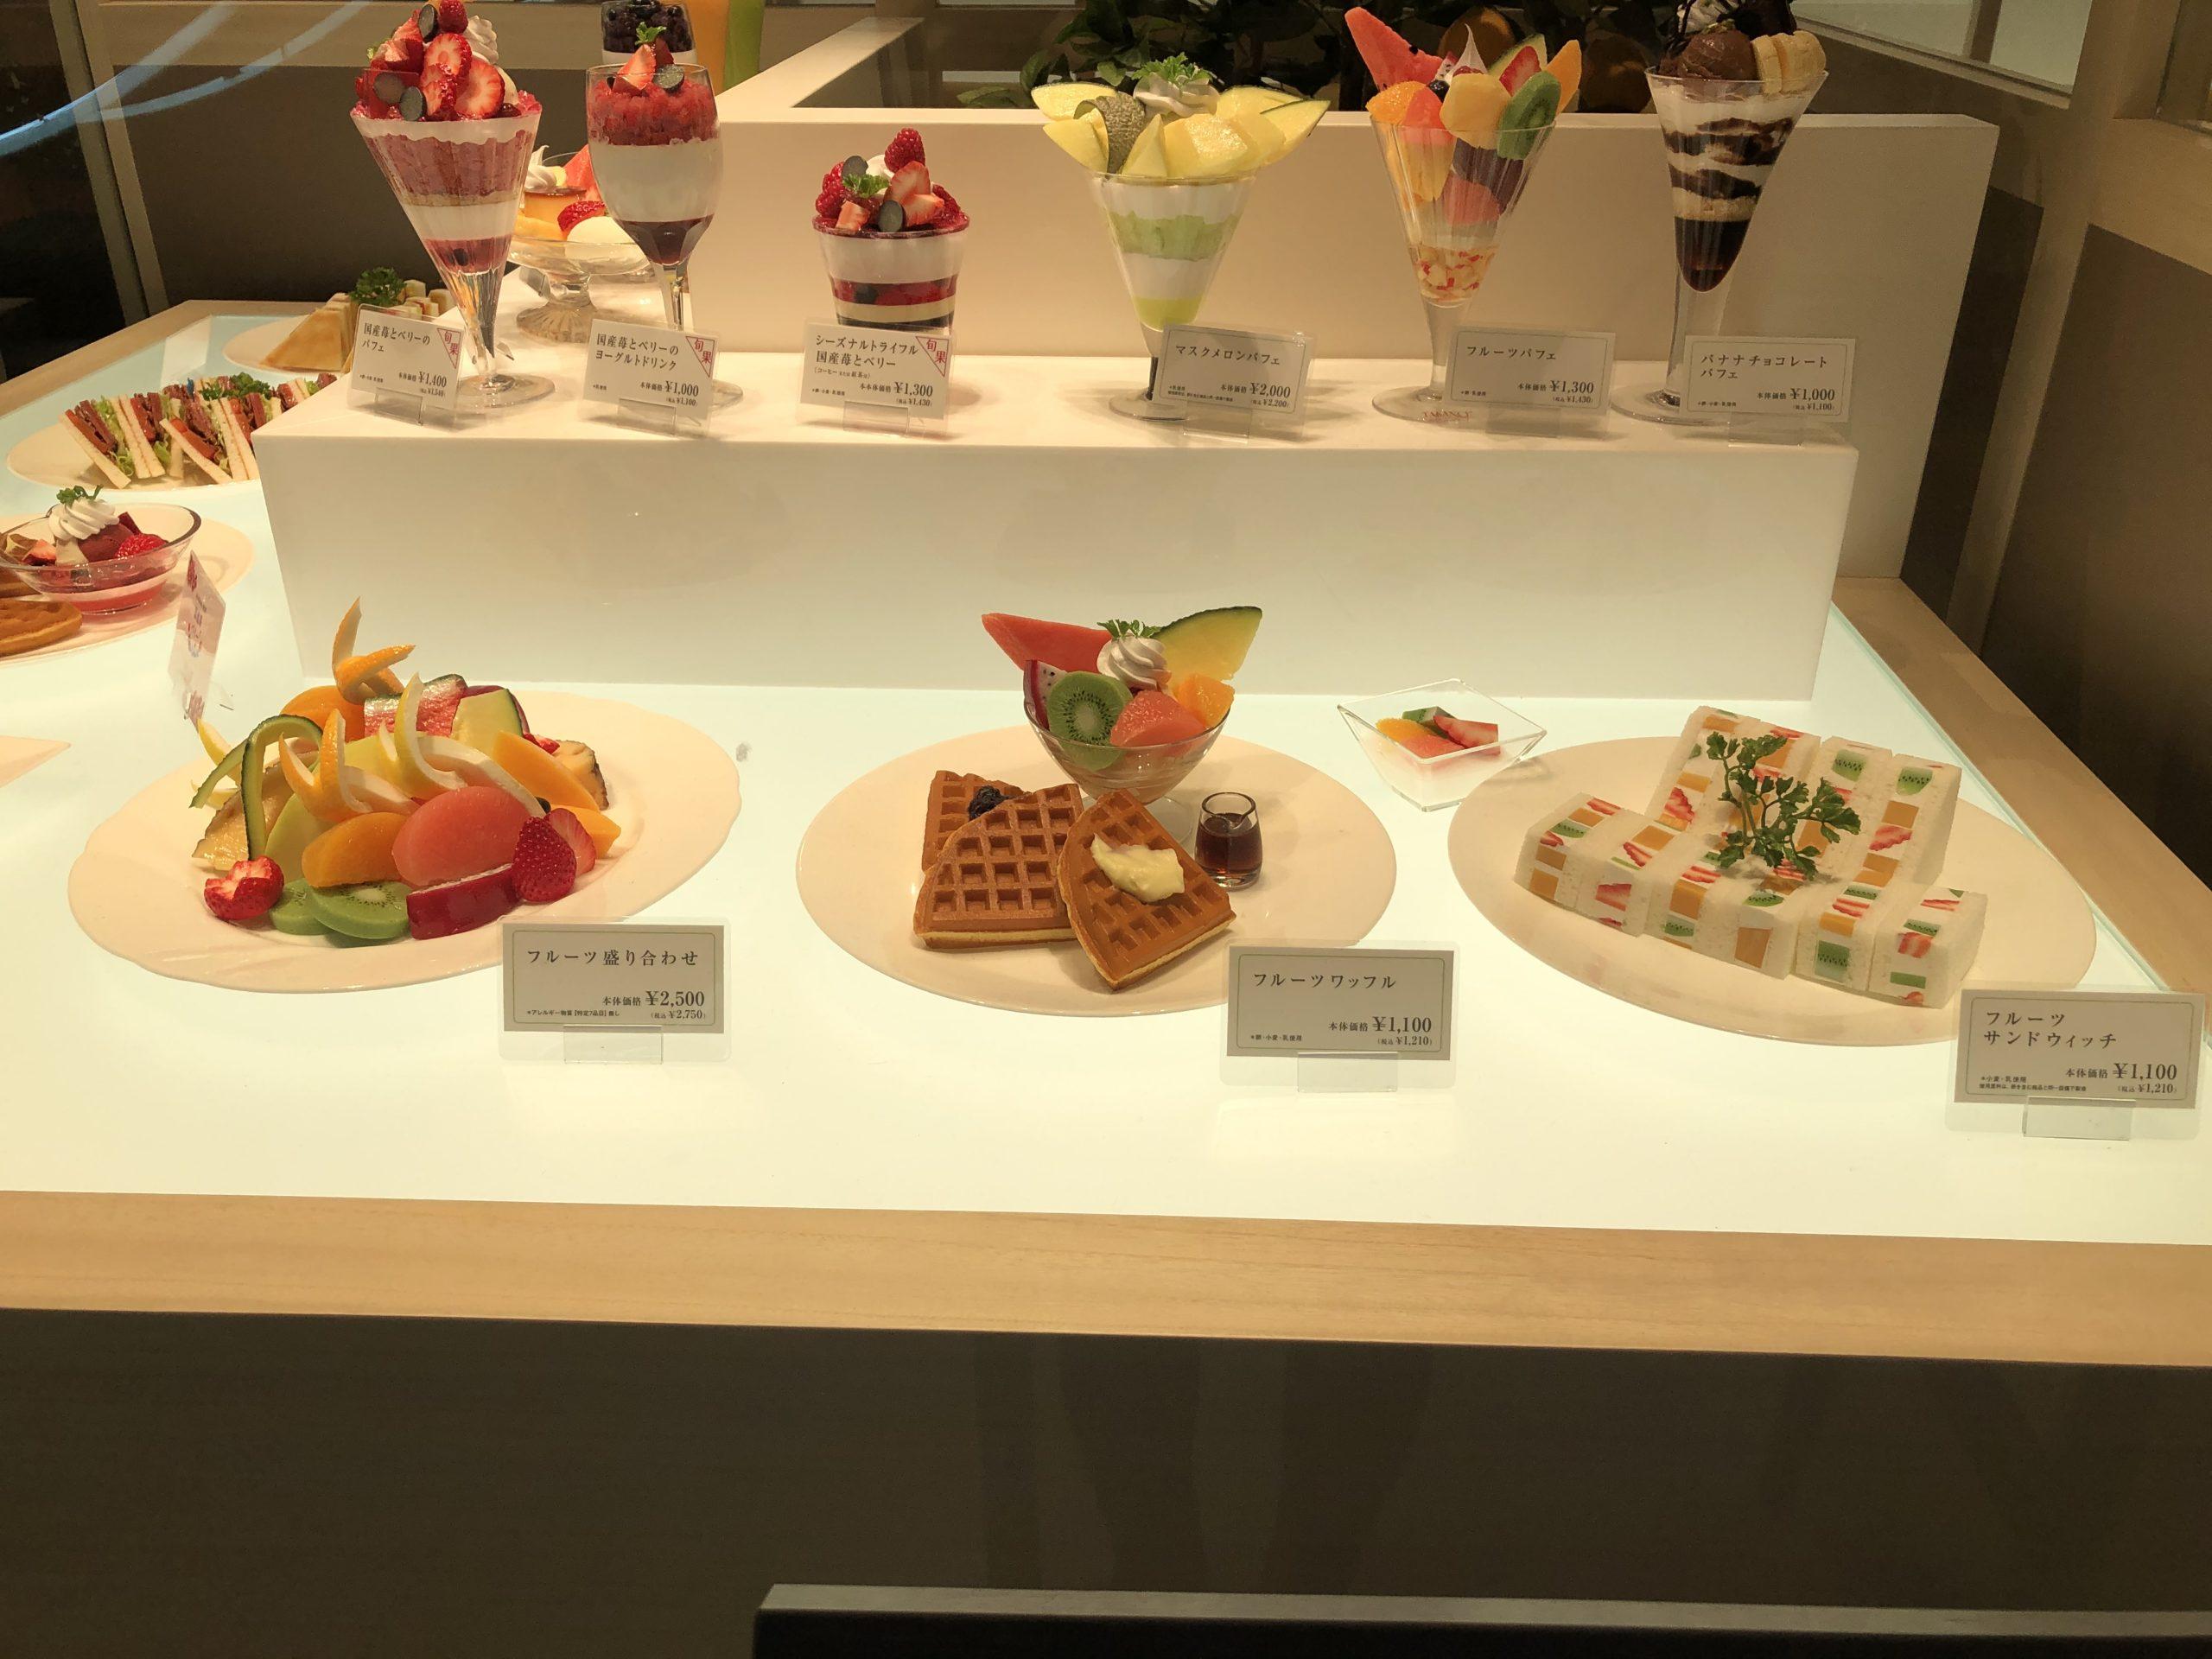 【川越】タカノフルーツパーラー川越丸広店がオープン!新宿高野も1Fに移転して入りやすくなりました